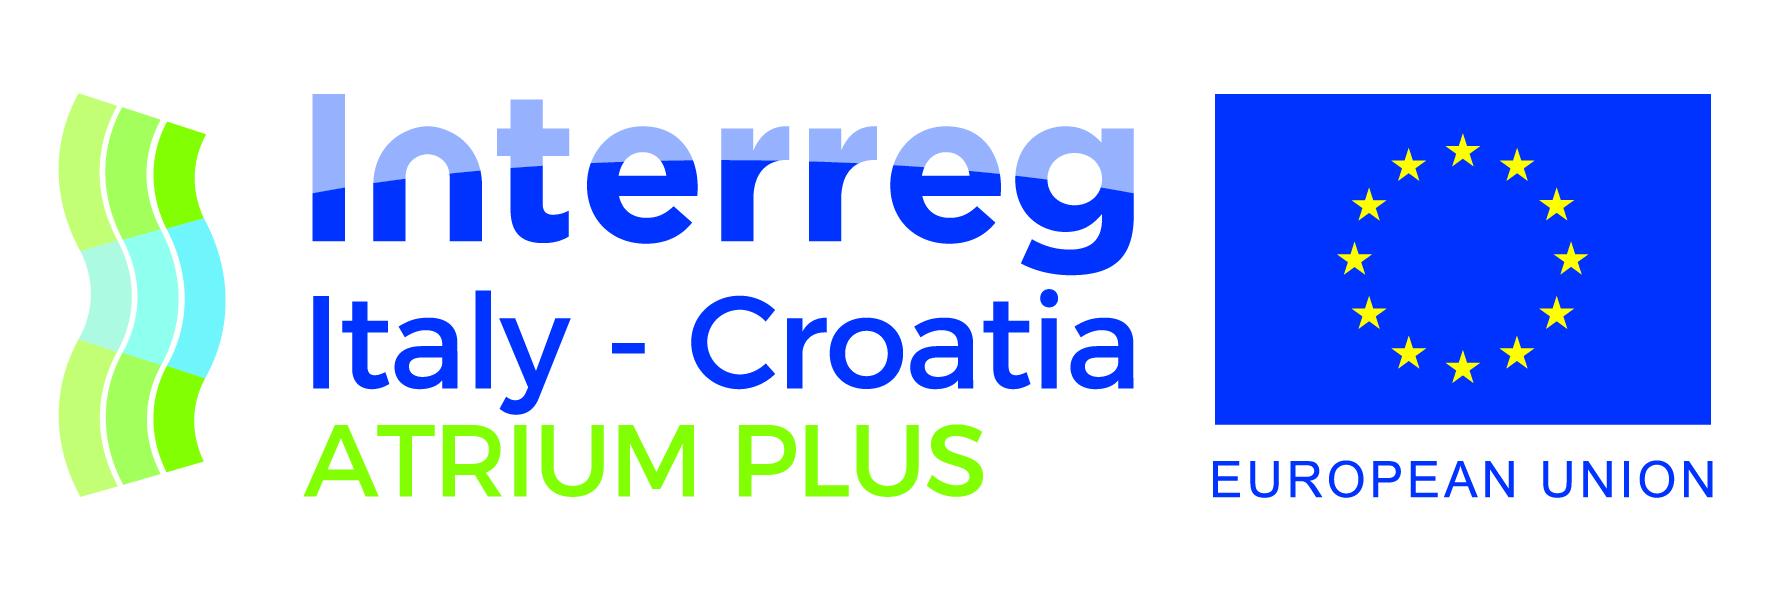 Atrium Plus logo.jpg (899 KB)